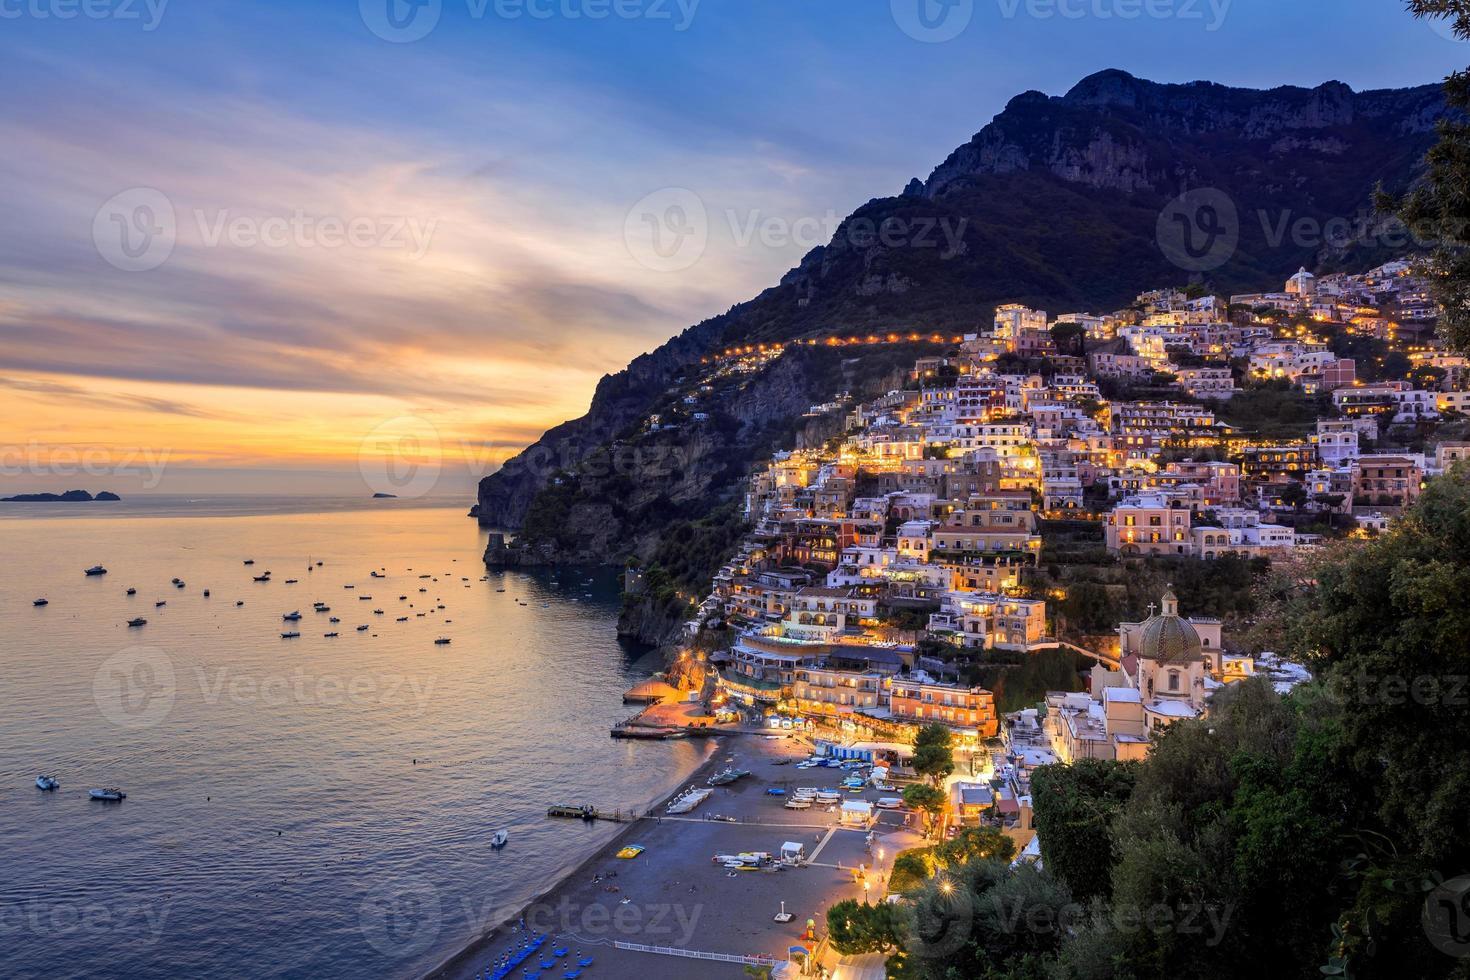 Positano cityscape skyline at twilight photo